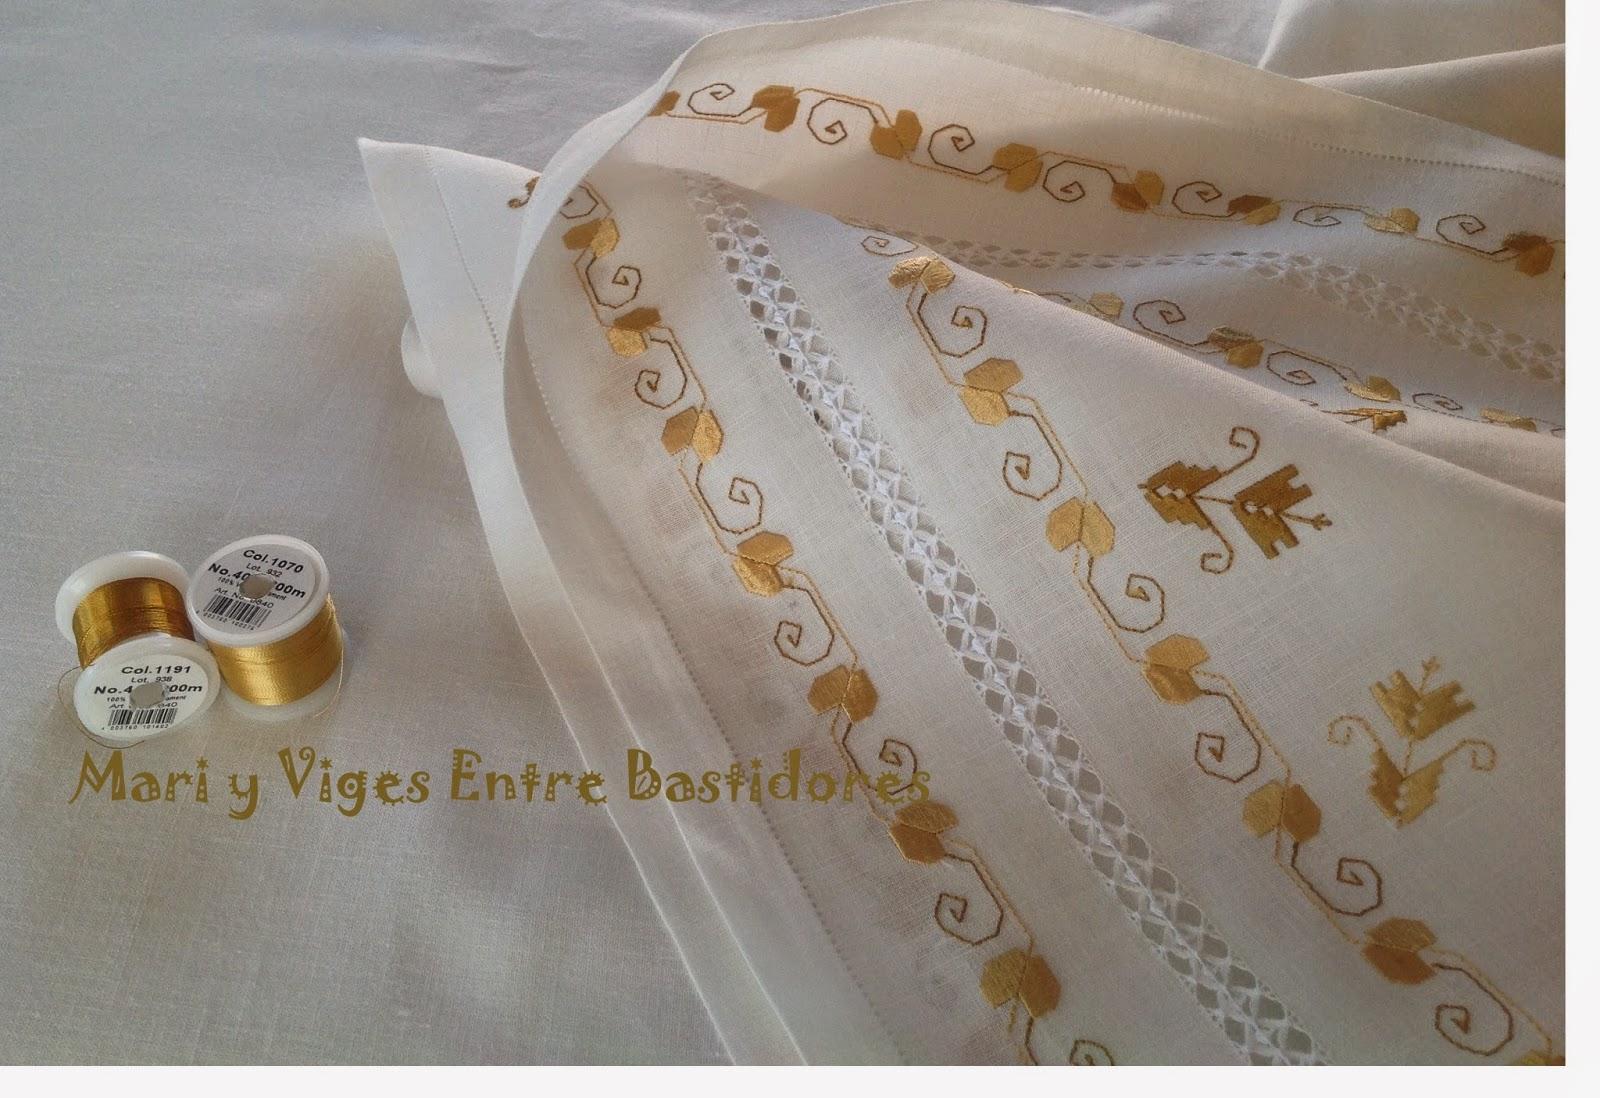 Mari y viges entre bastidores mantel para altar de lagartera - Manteles bordados ...